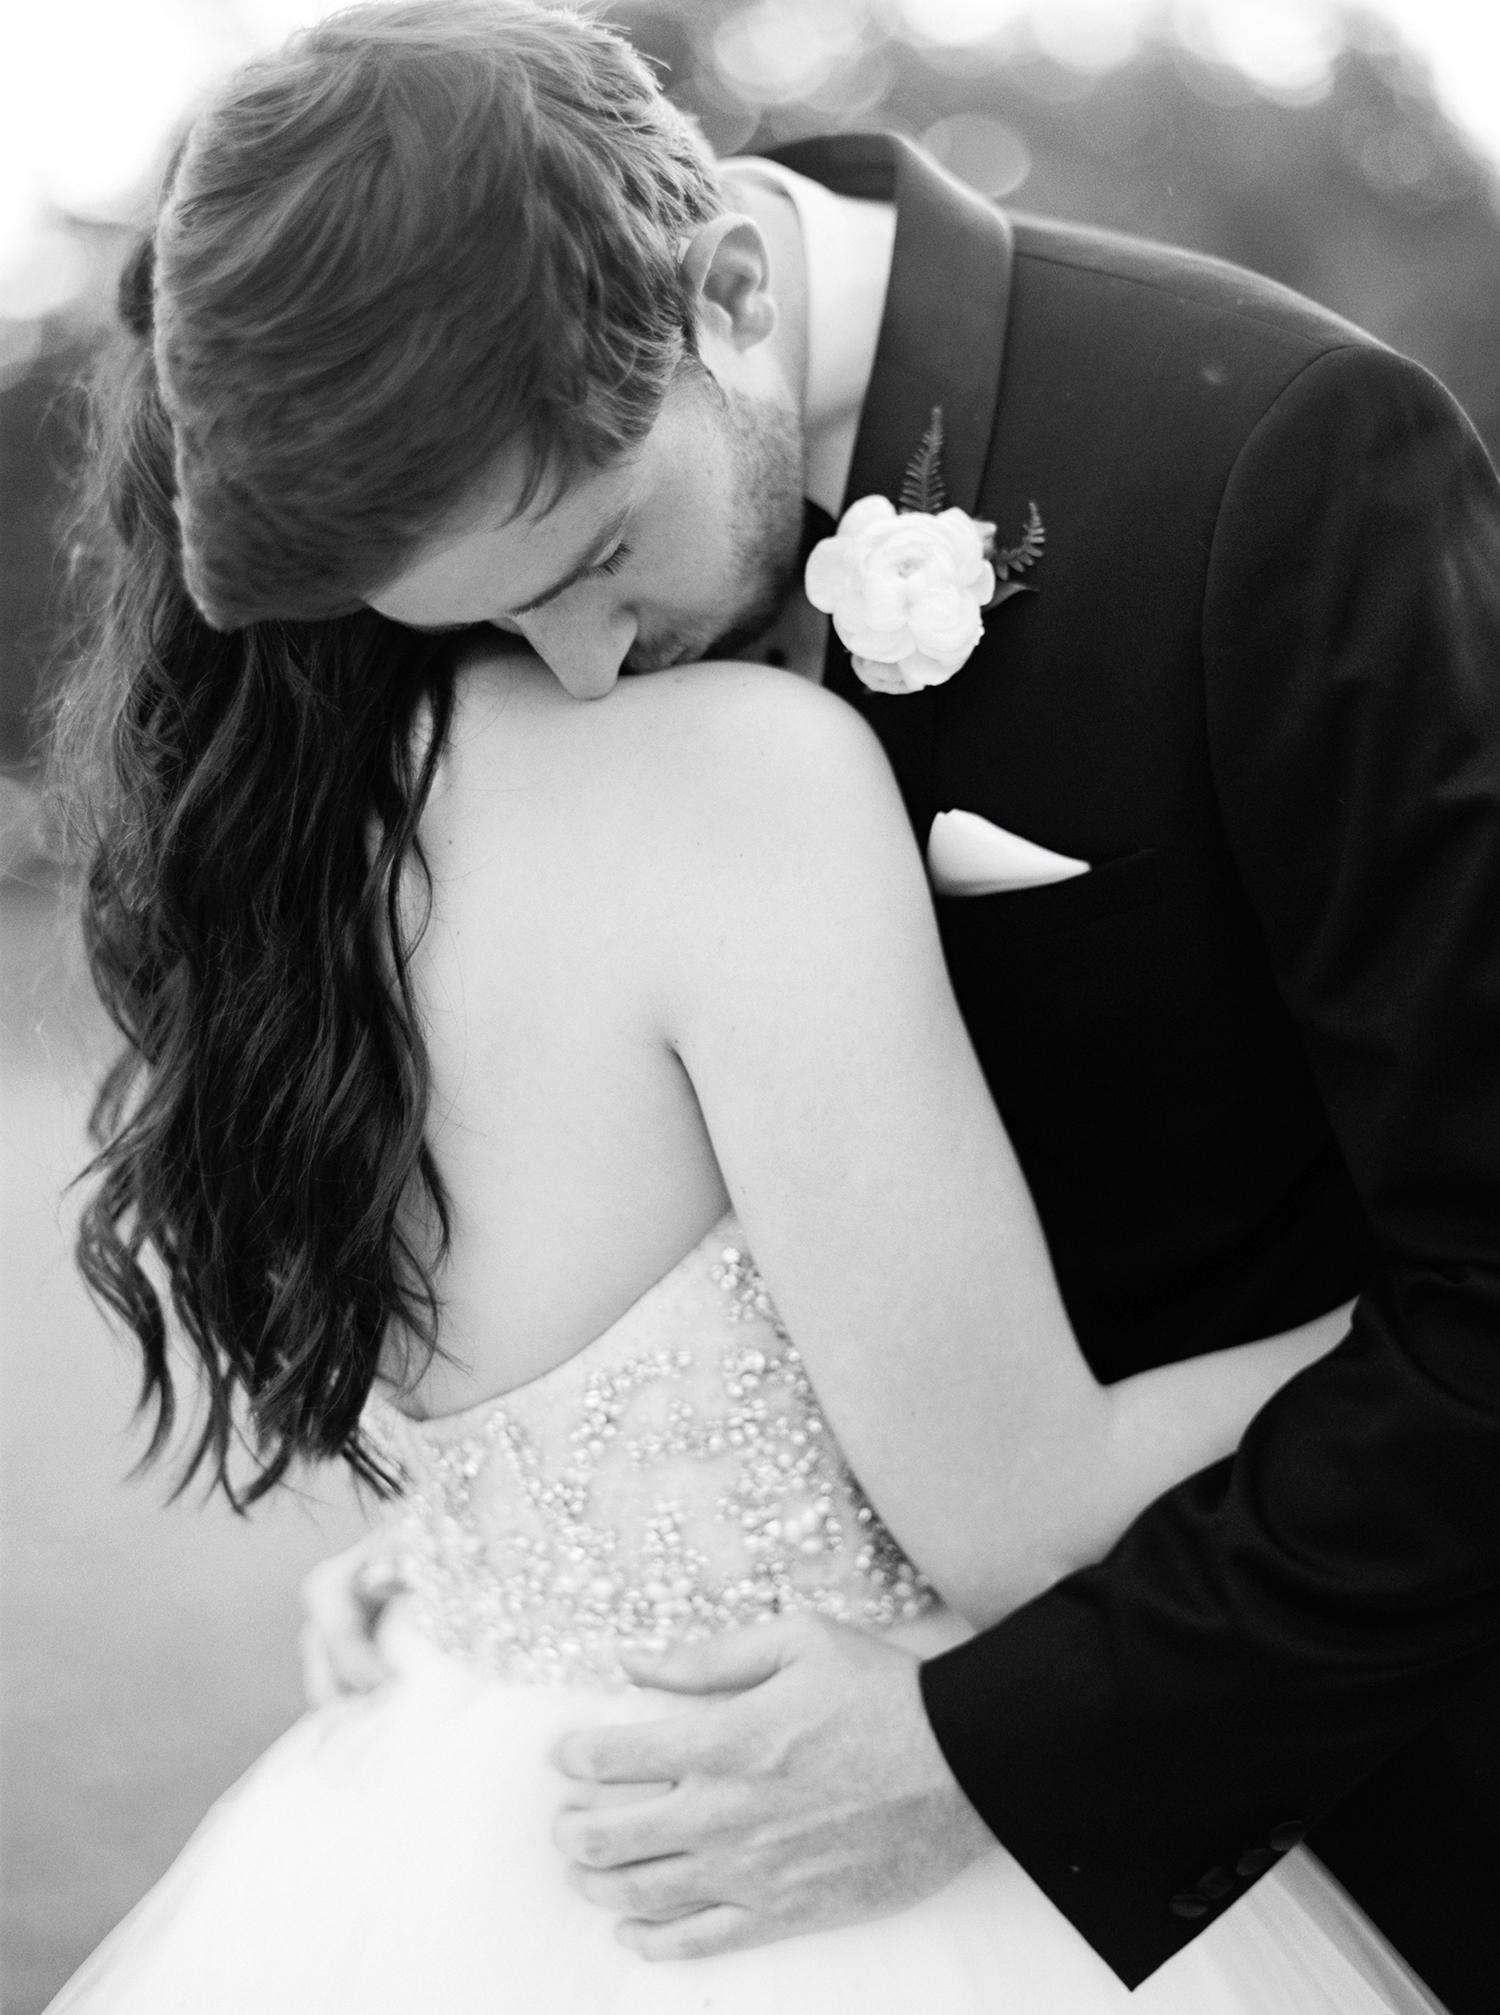 dani jackson wedding couple embrace